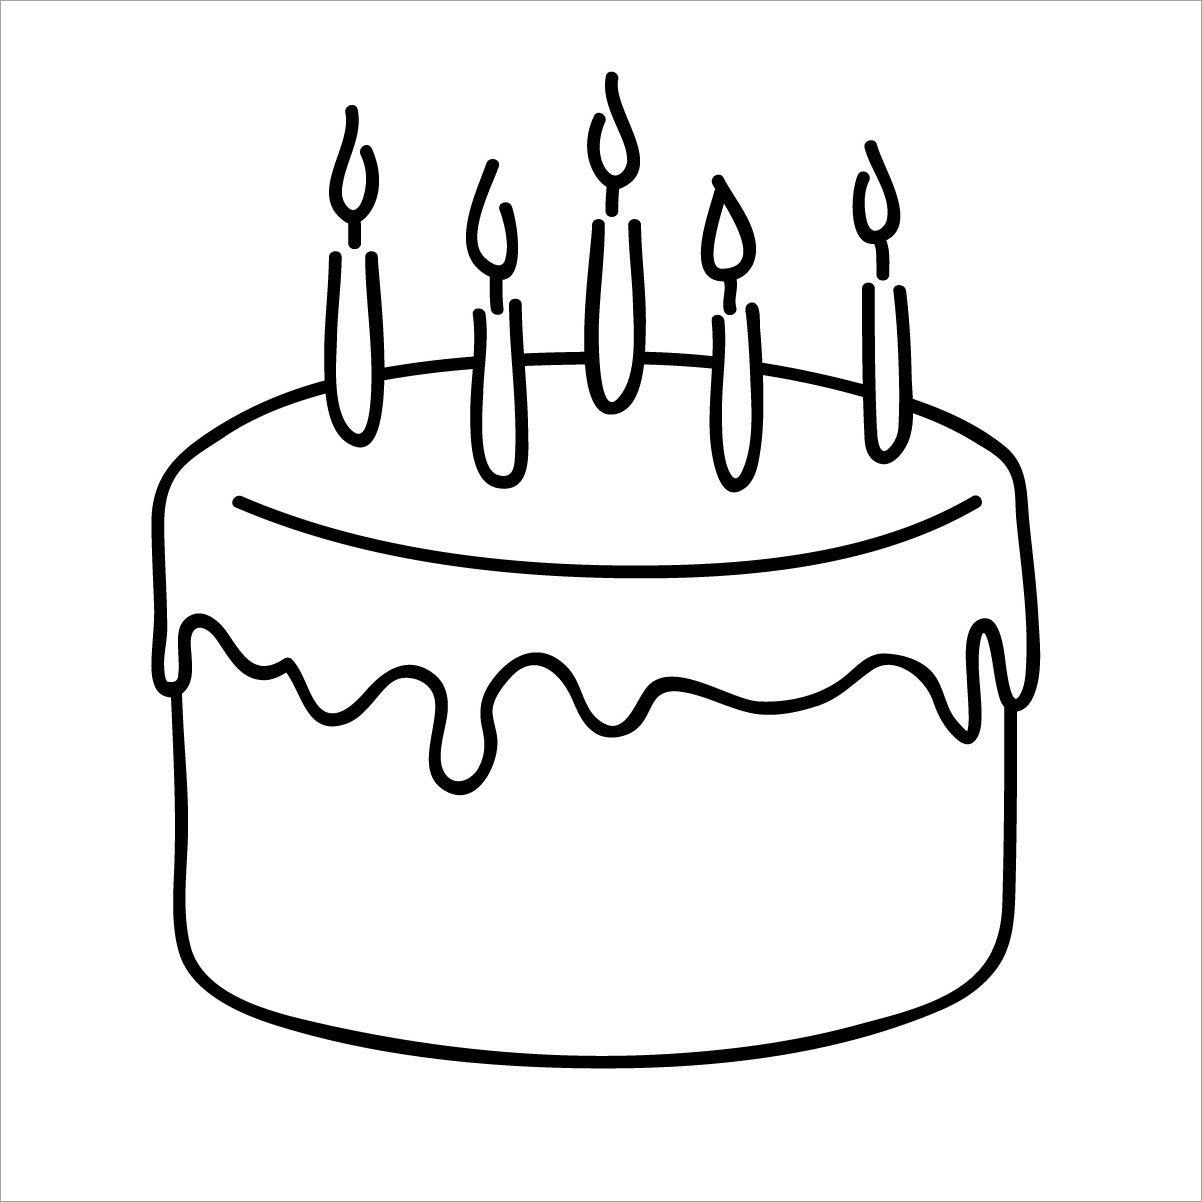 Tranh tô màu bánh sinh nhật đơn giản cho người mới